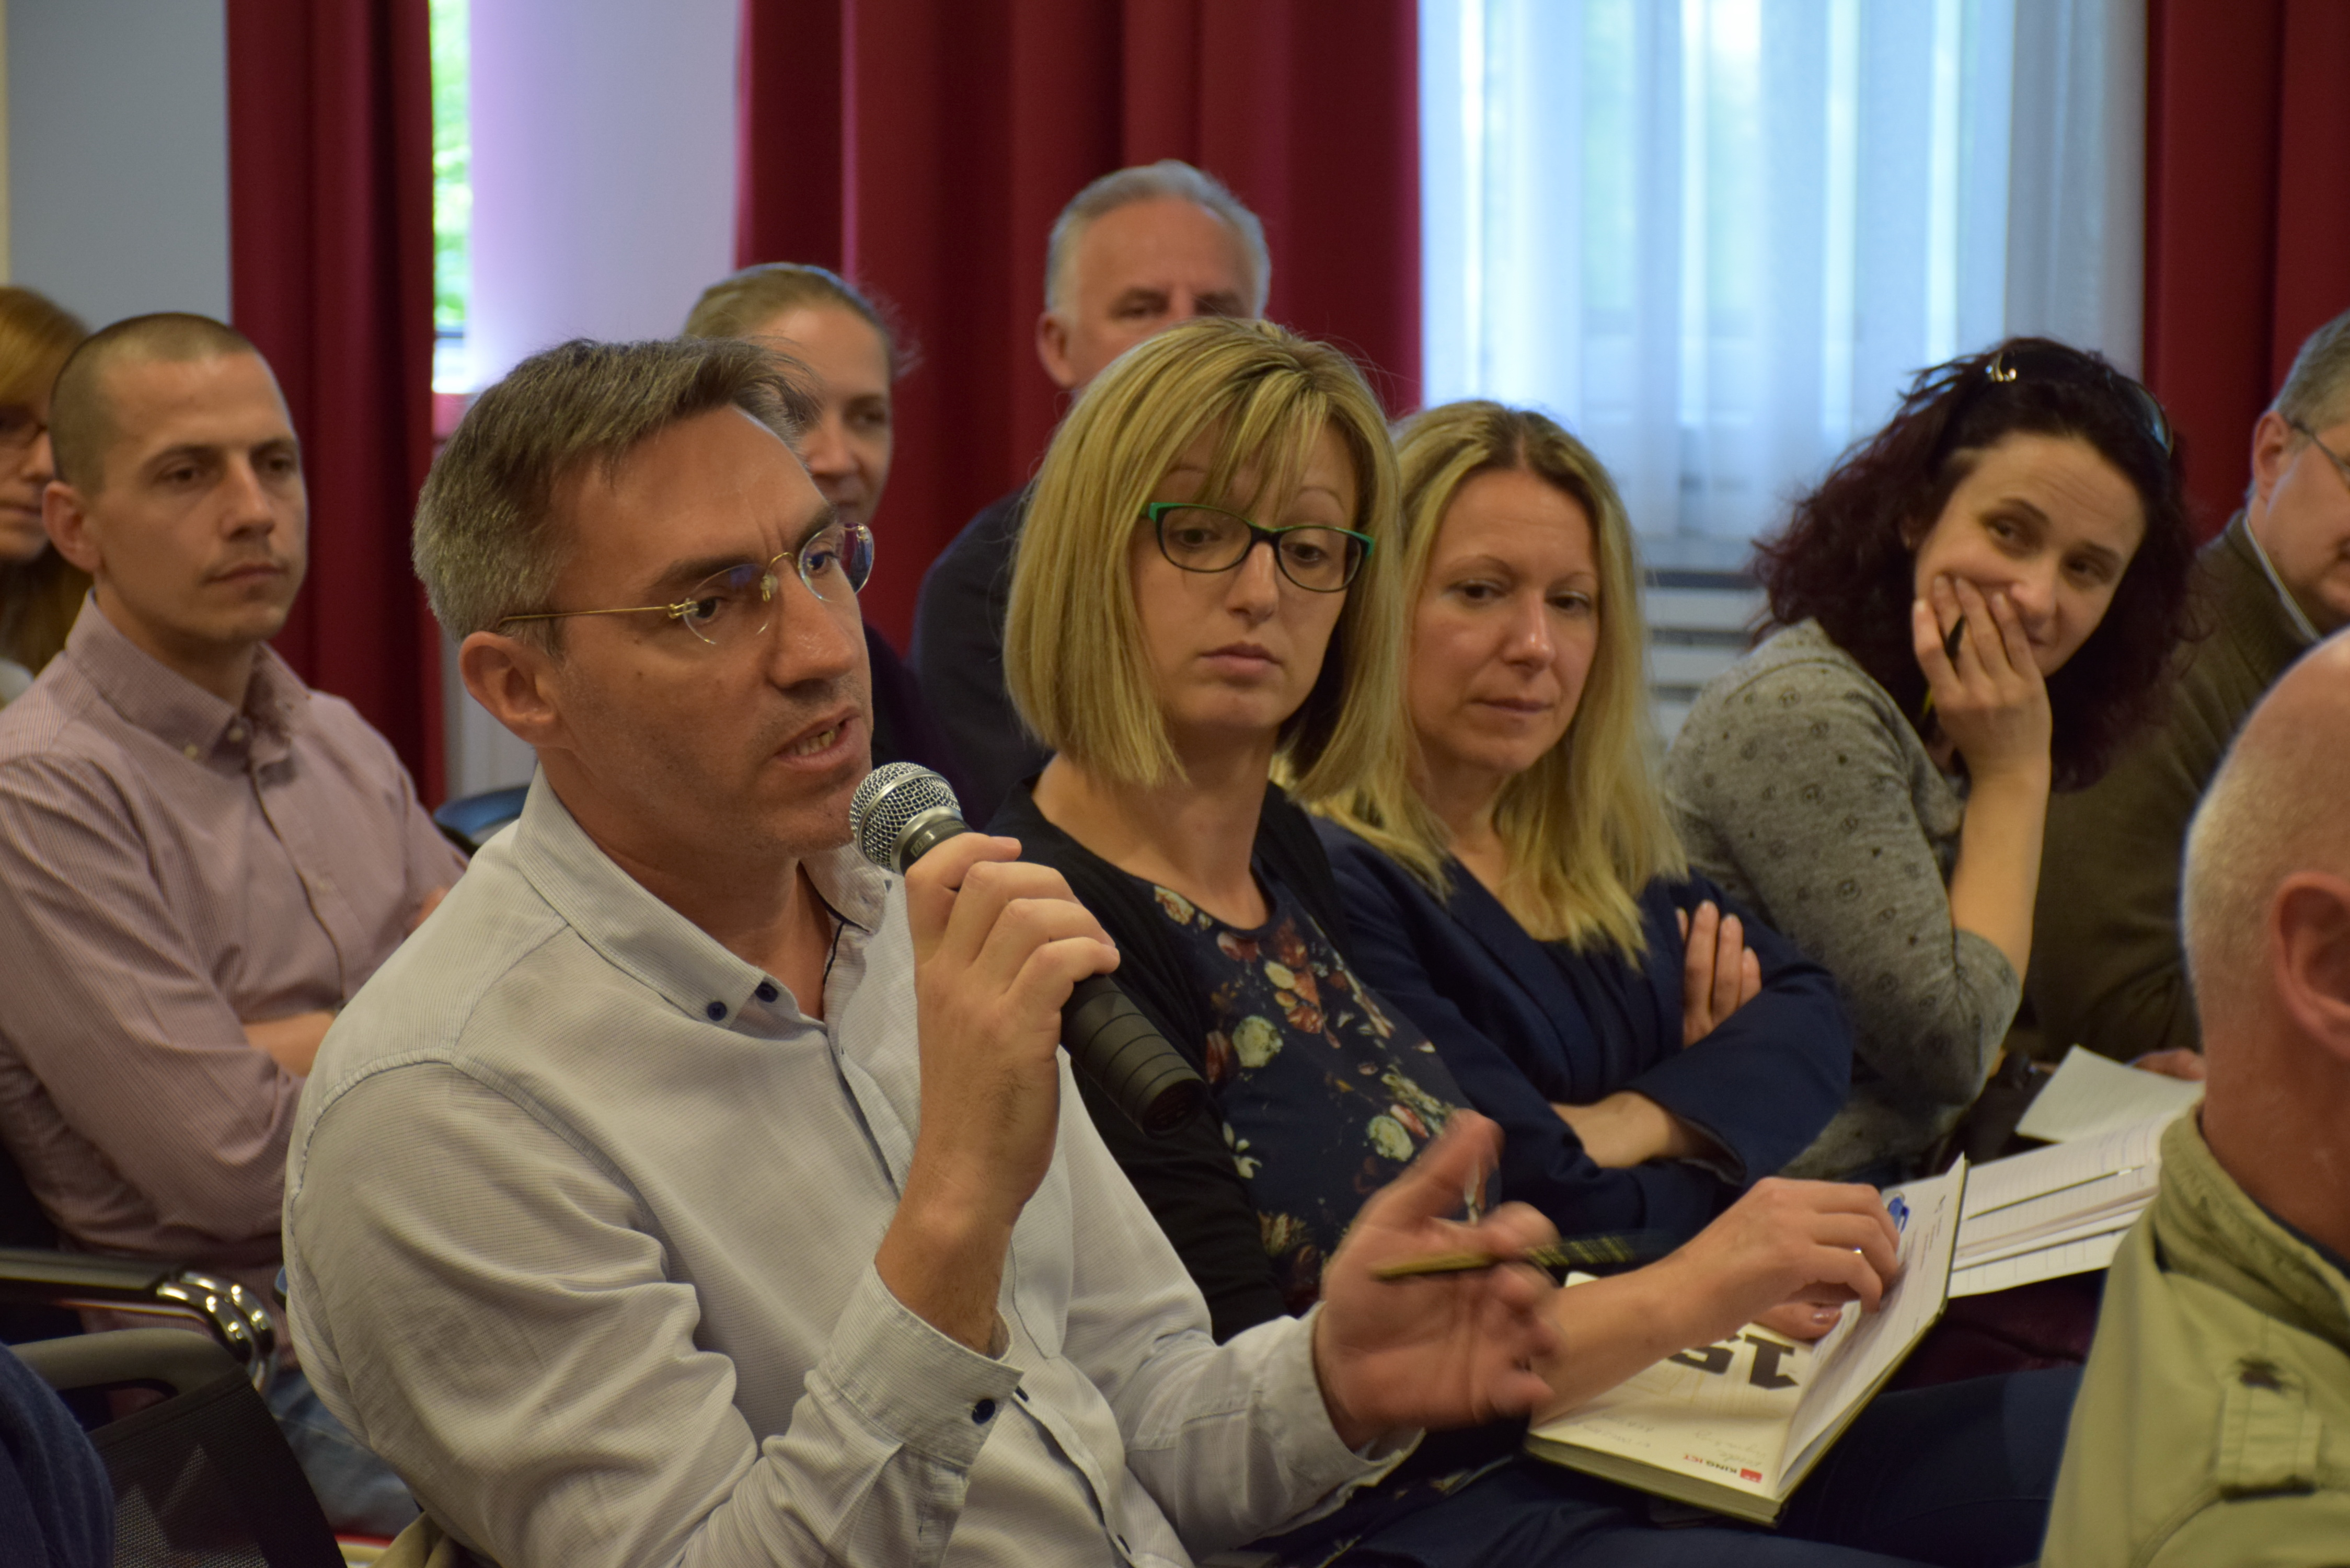 Slika prikazuje nastavak diskusije i postavljanje pitanja i komentara.